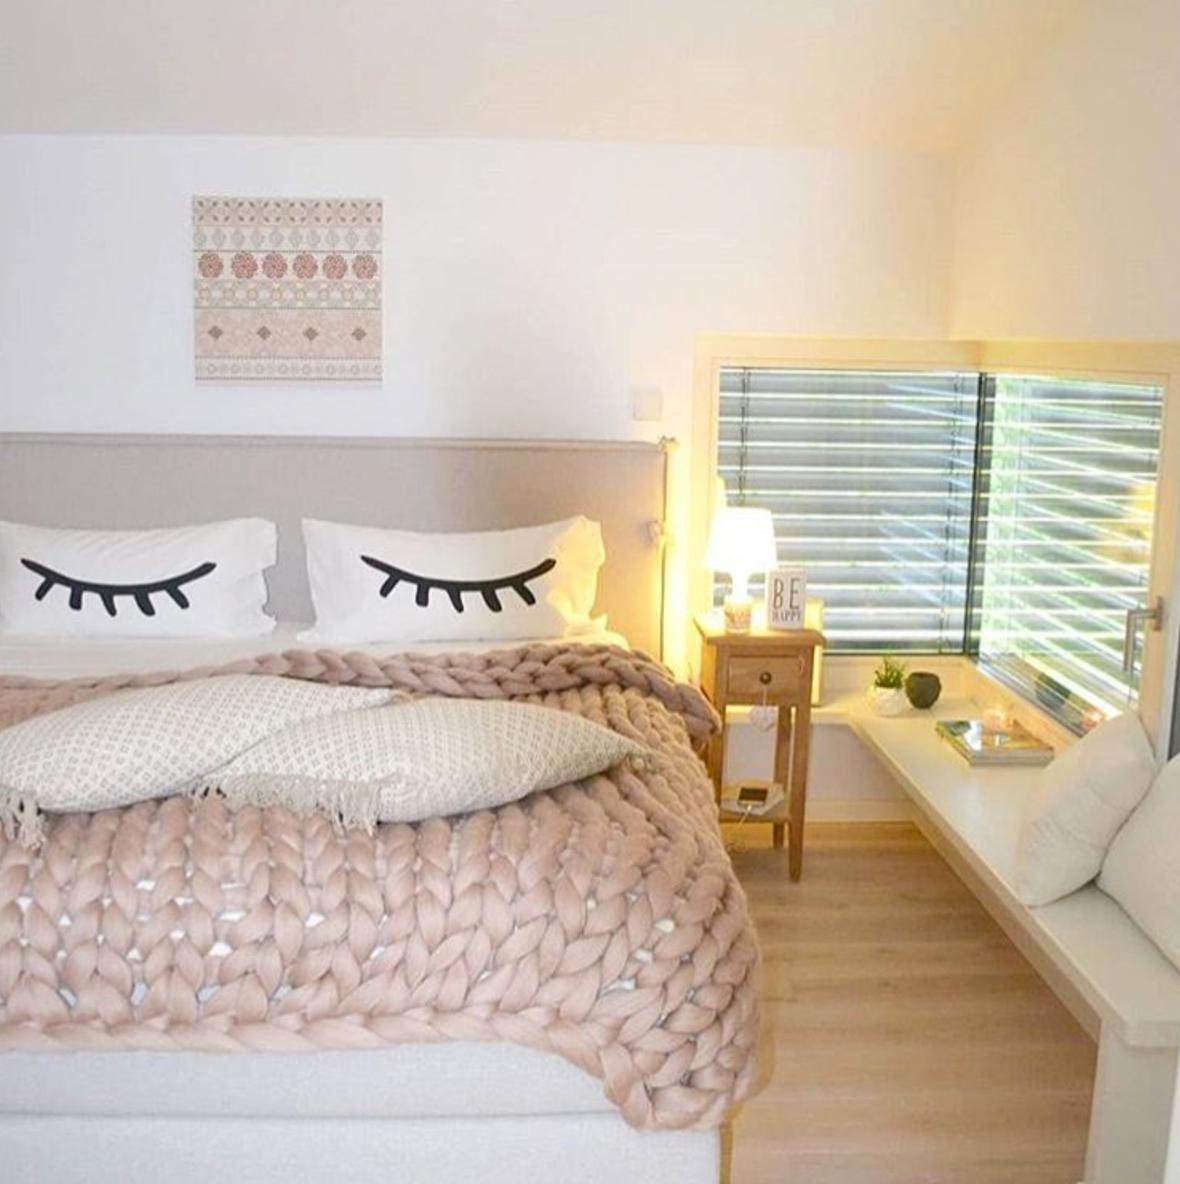 Schlafzimmer ideen  Die schönsten Schlafzimmerideen auf einen Blick - Wohnkonfetti